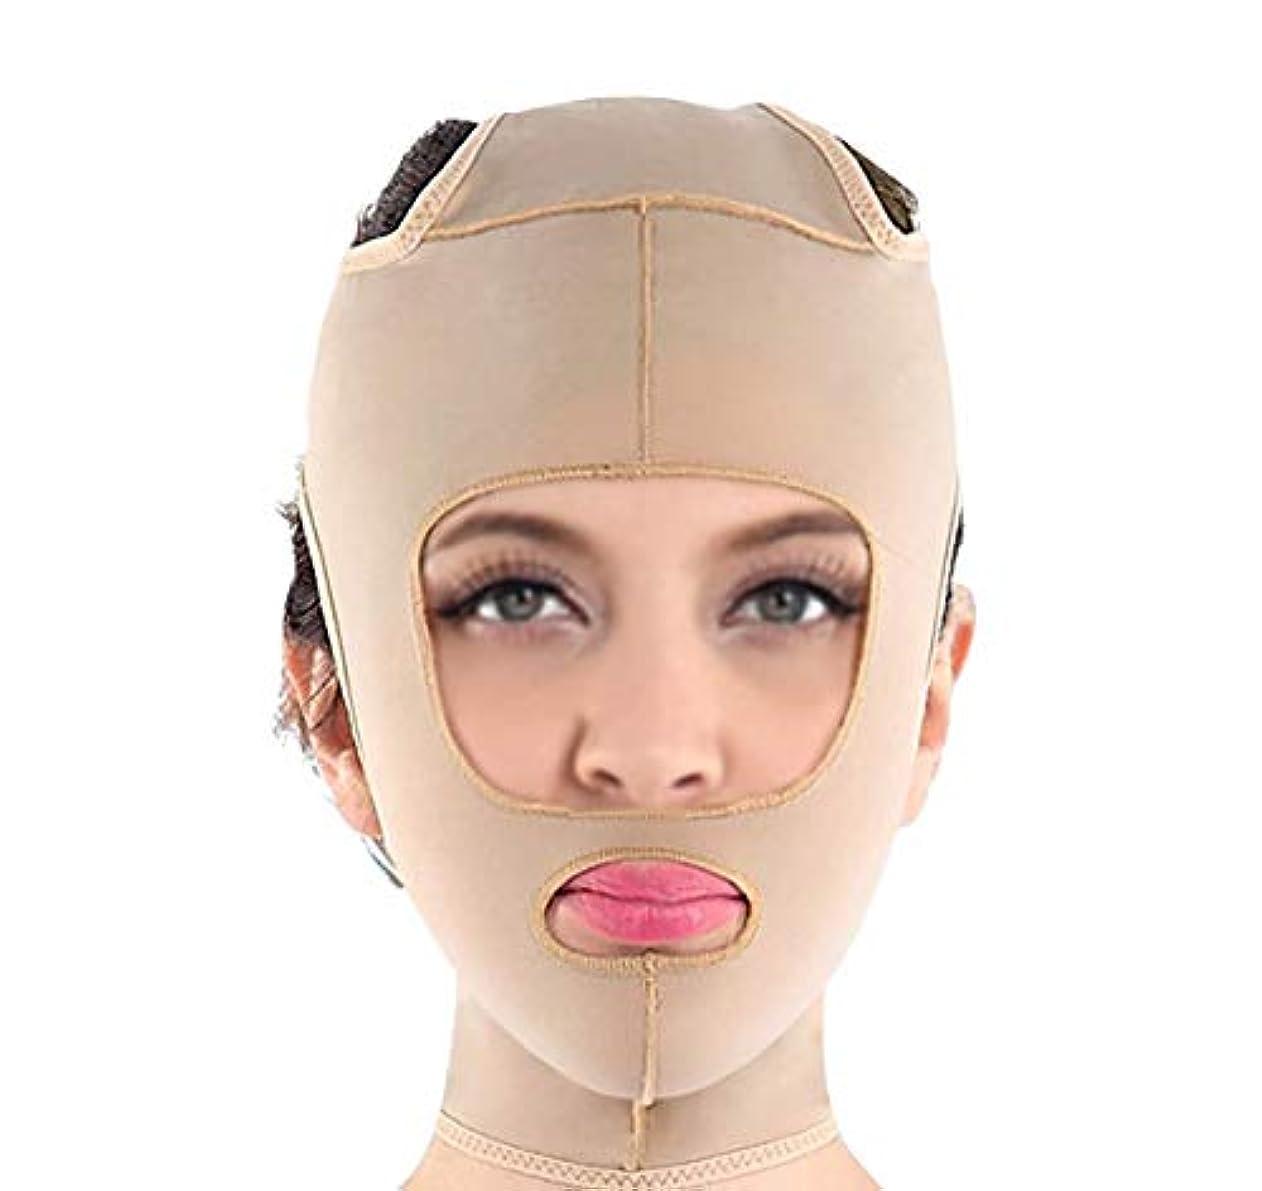 見えない靴特派員フェイスリフティングマスクで肌をしっかりと保ち、顔の筋肉の垂れ下がりや顔の美しい輪郭の整形を防止します(サイズ:Xl),M